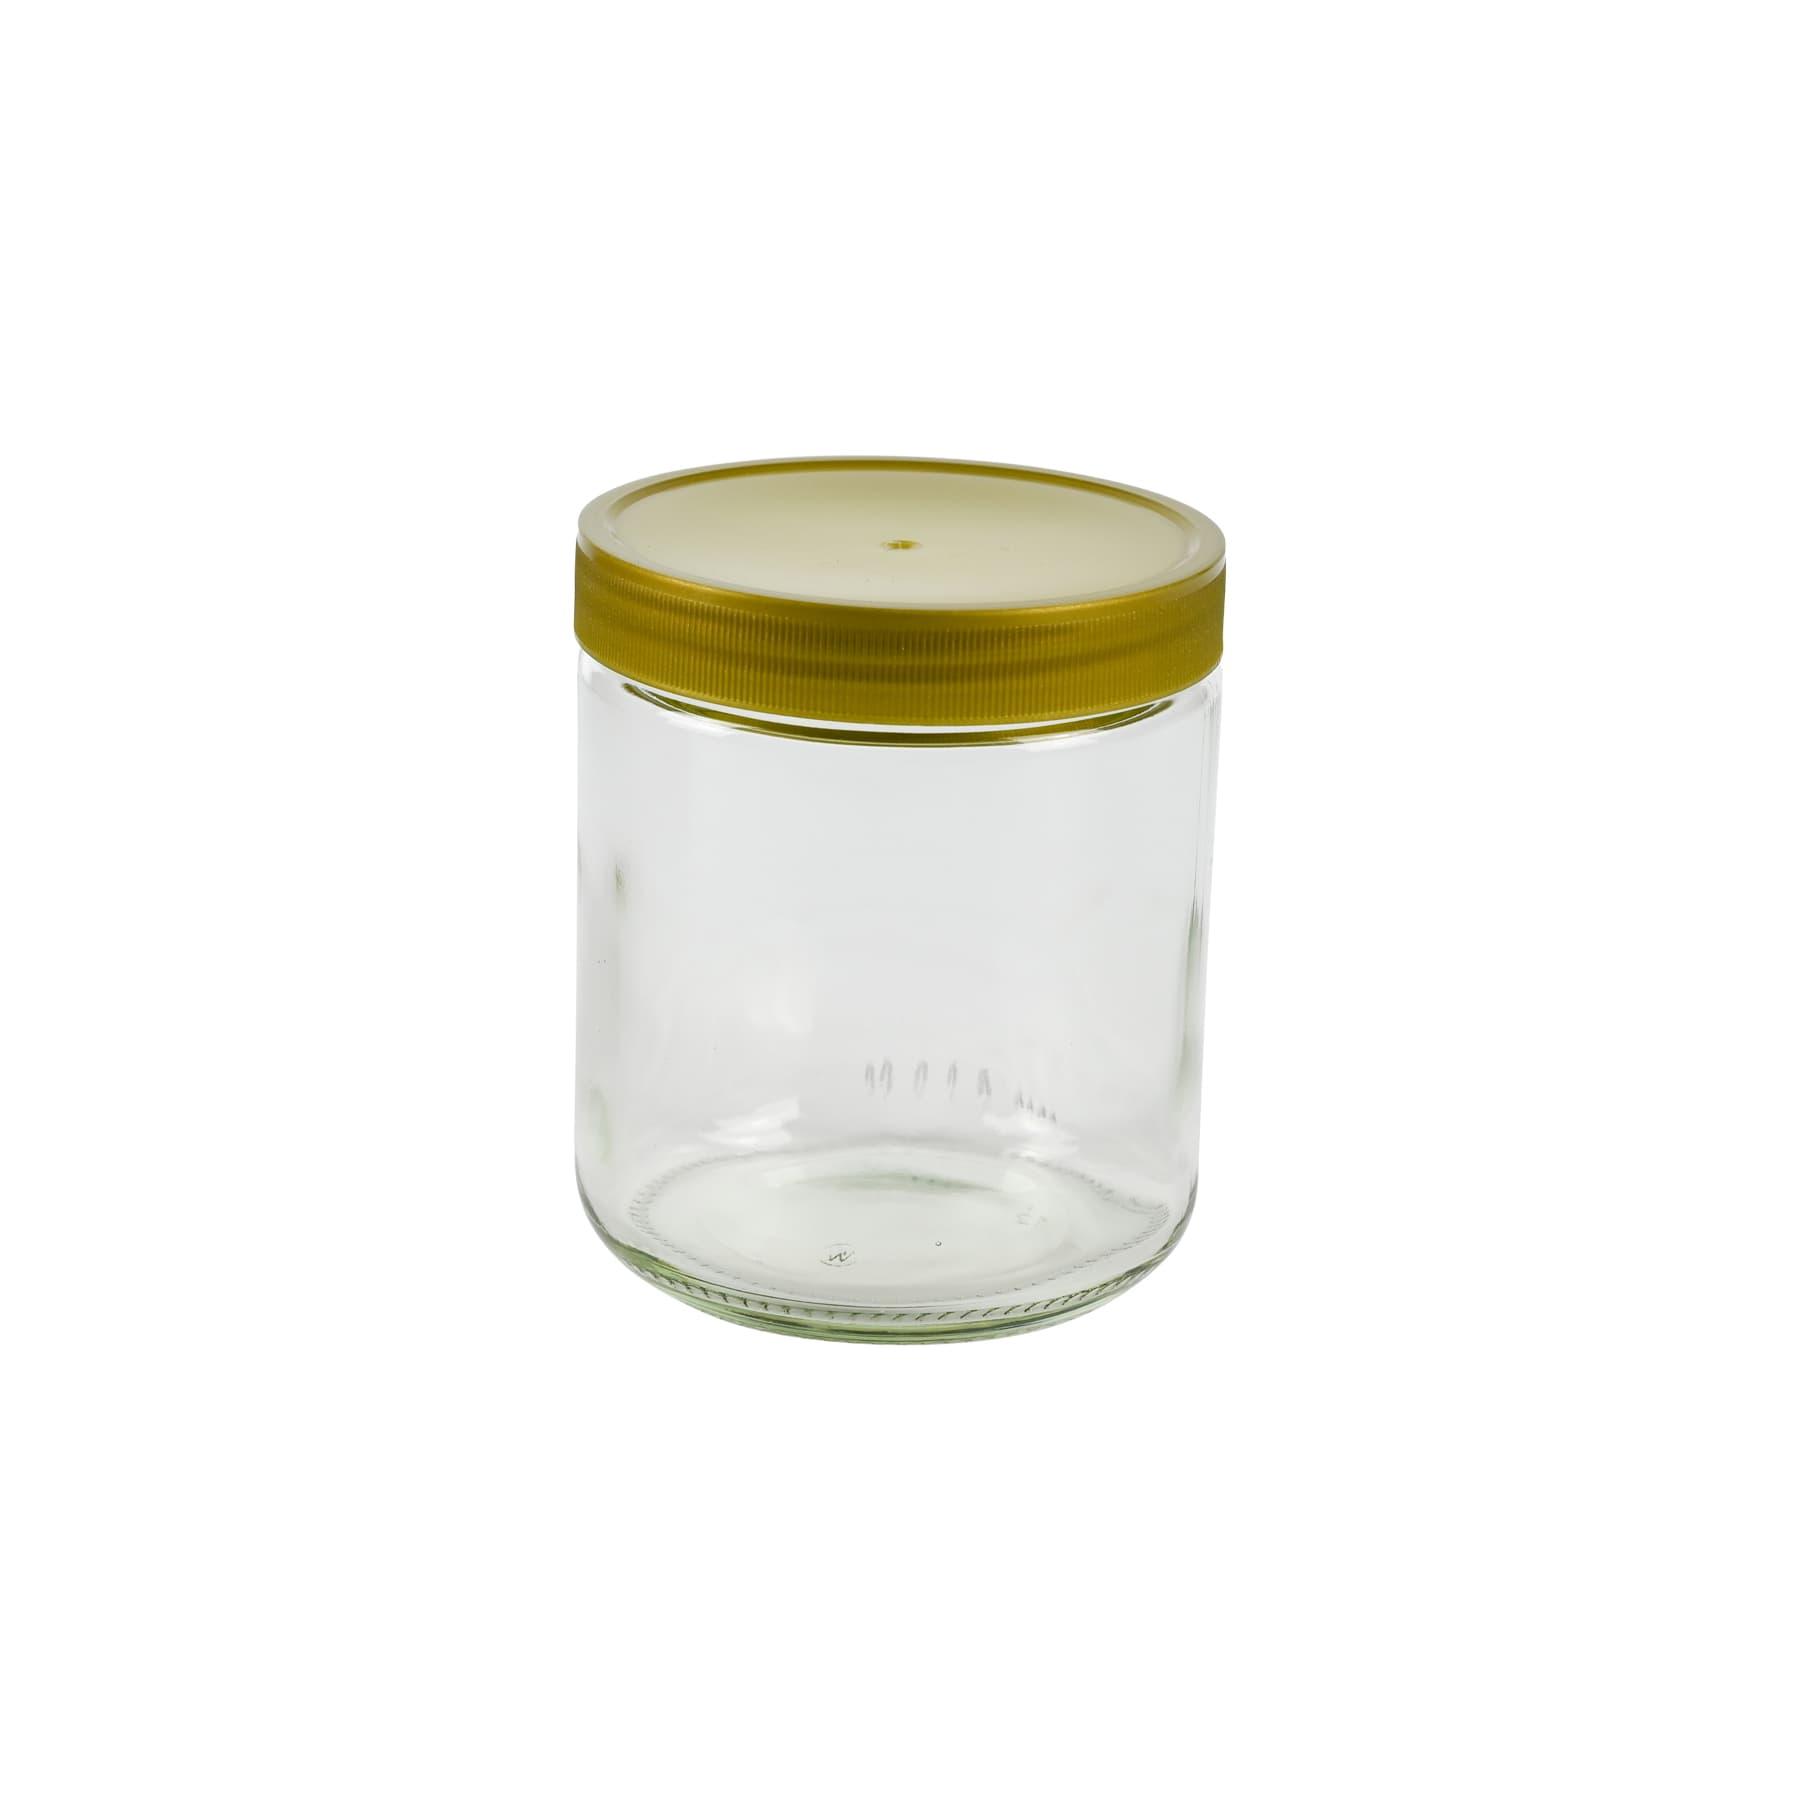 Rundglas 500 g mit 80 mm Schraub-Kunststoffdeckel lose zur Selbstabholung